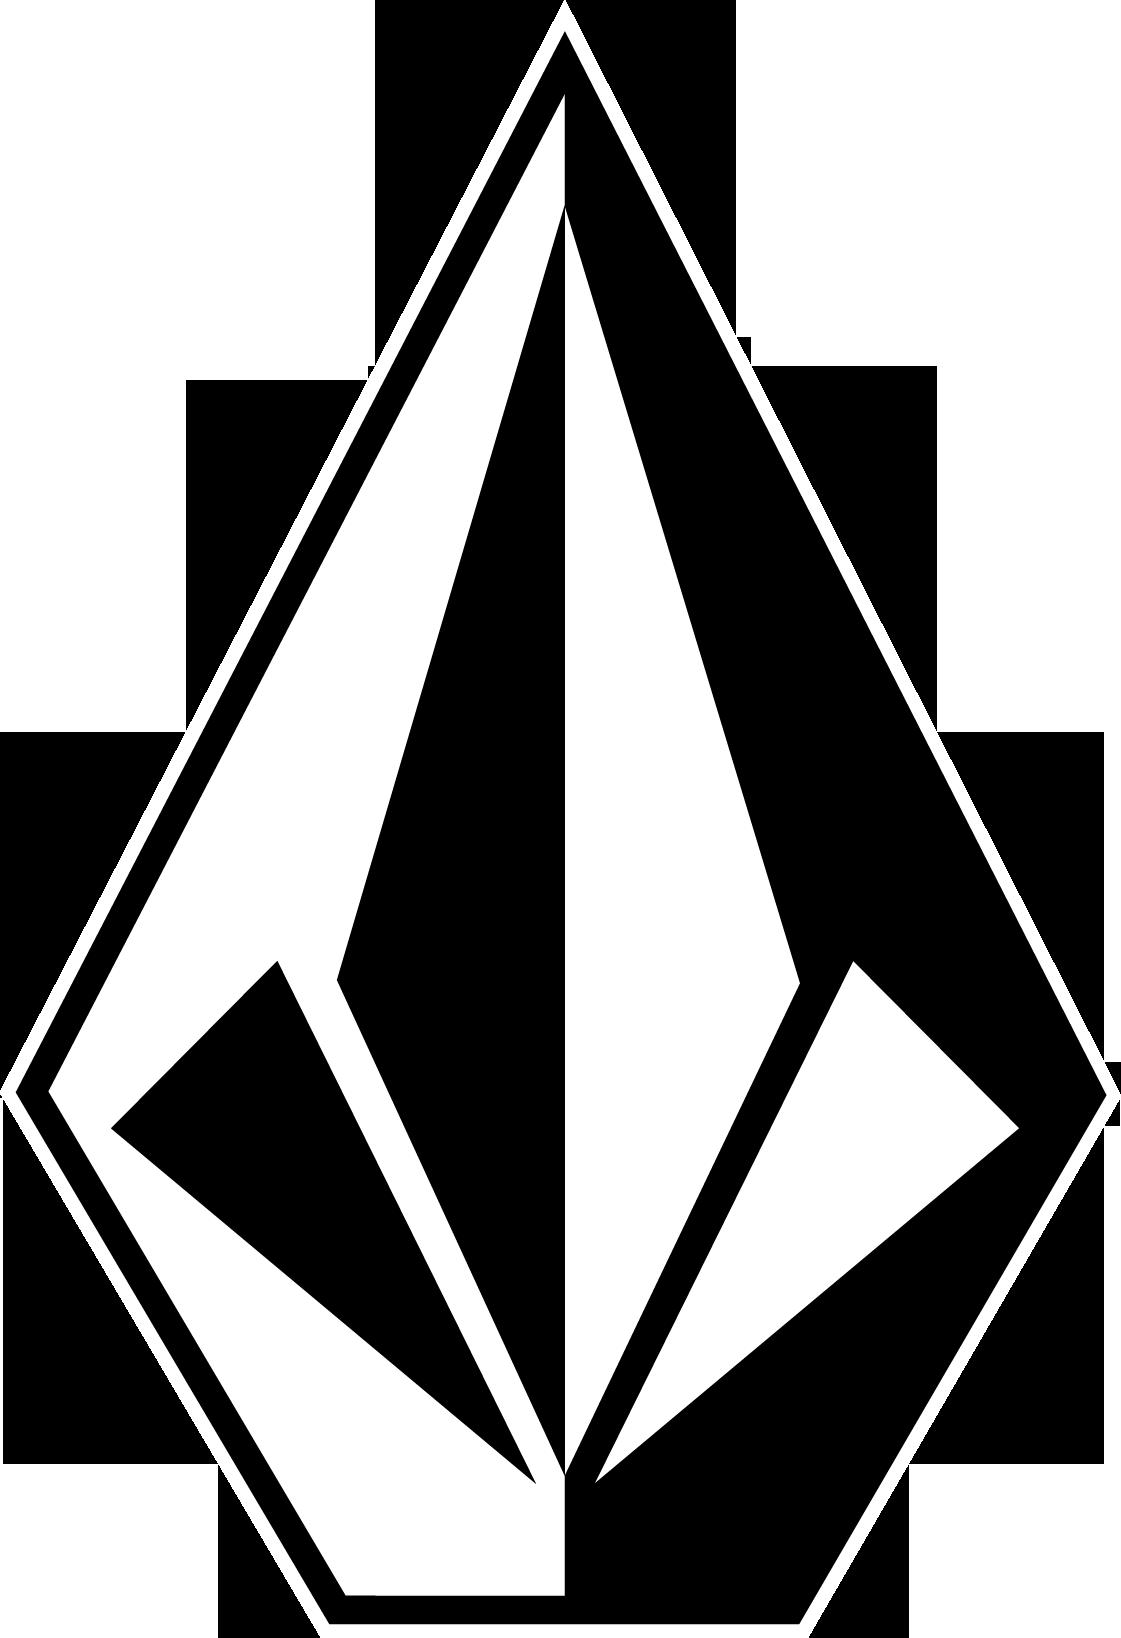 Volcom Logo Iphone壁紙 壁紙